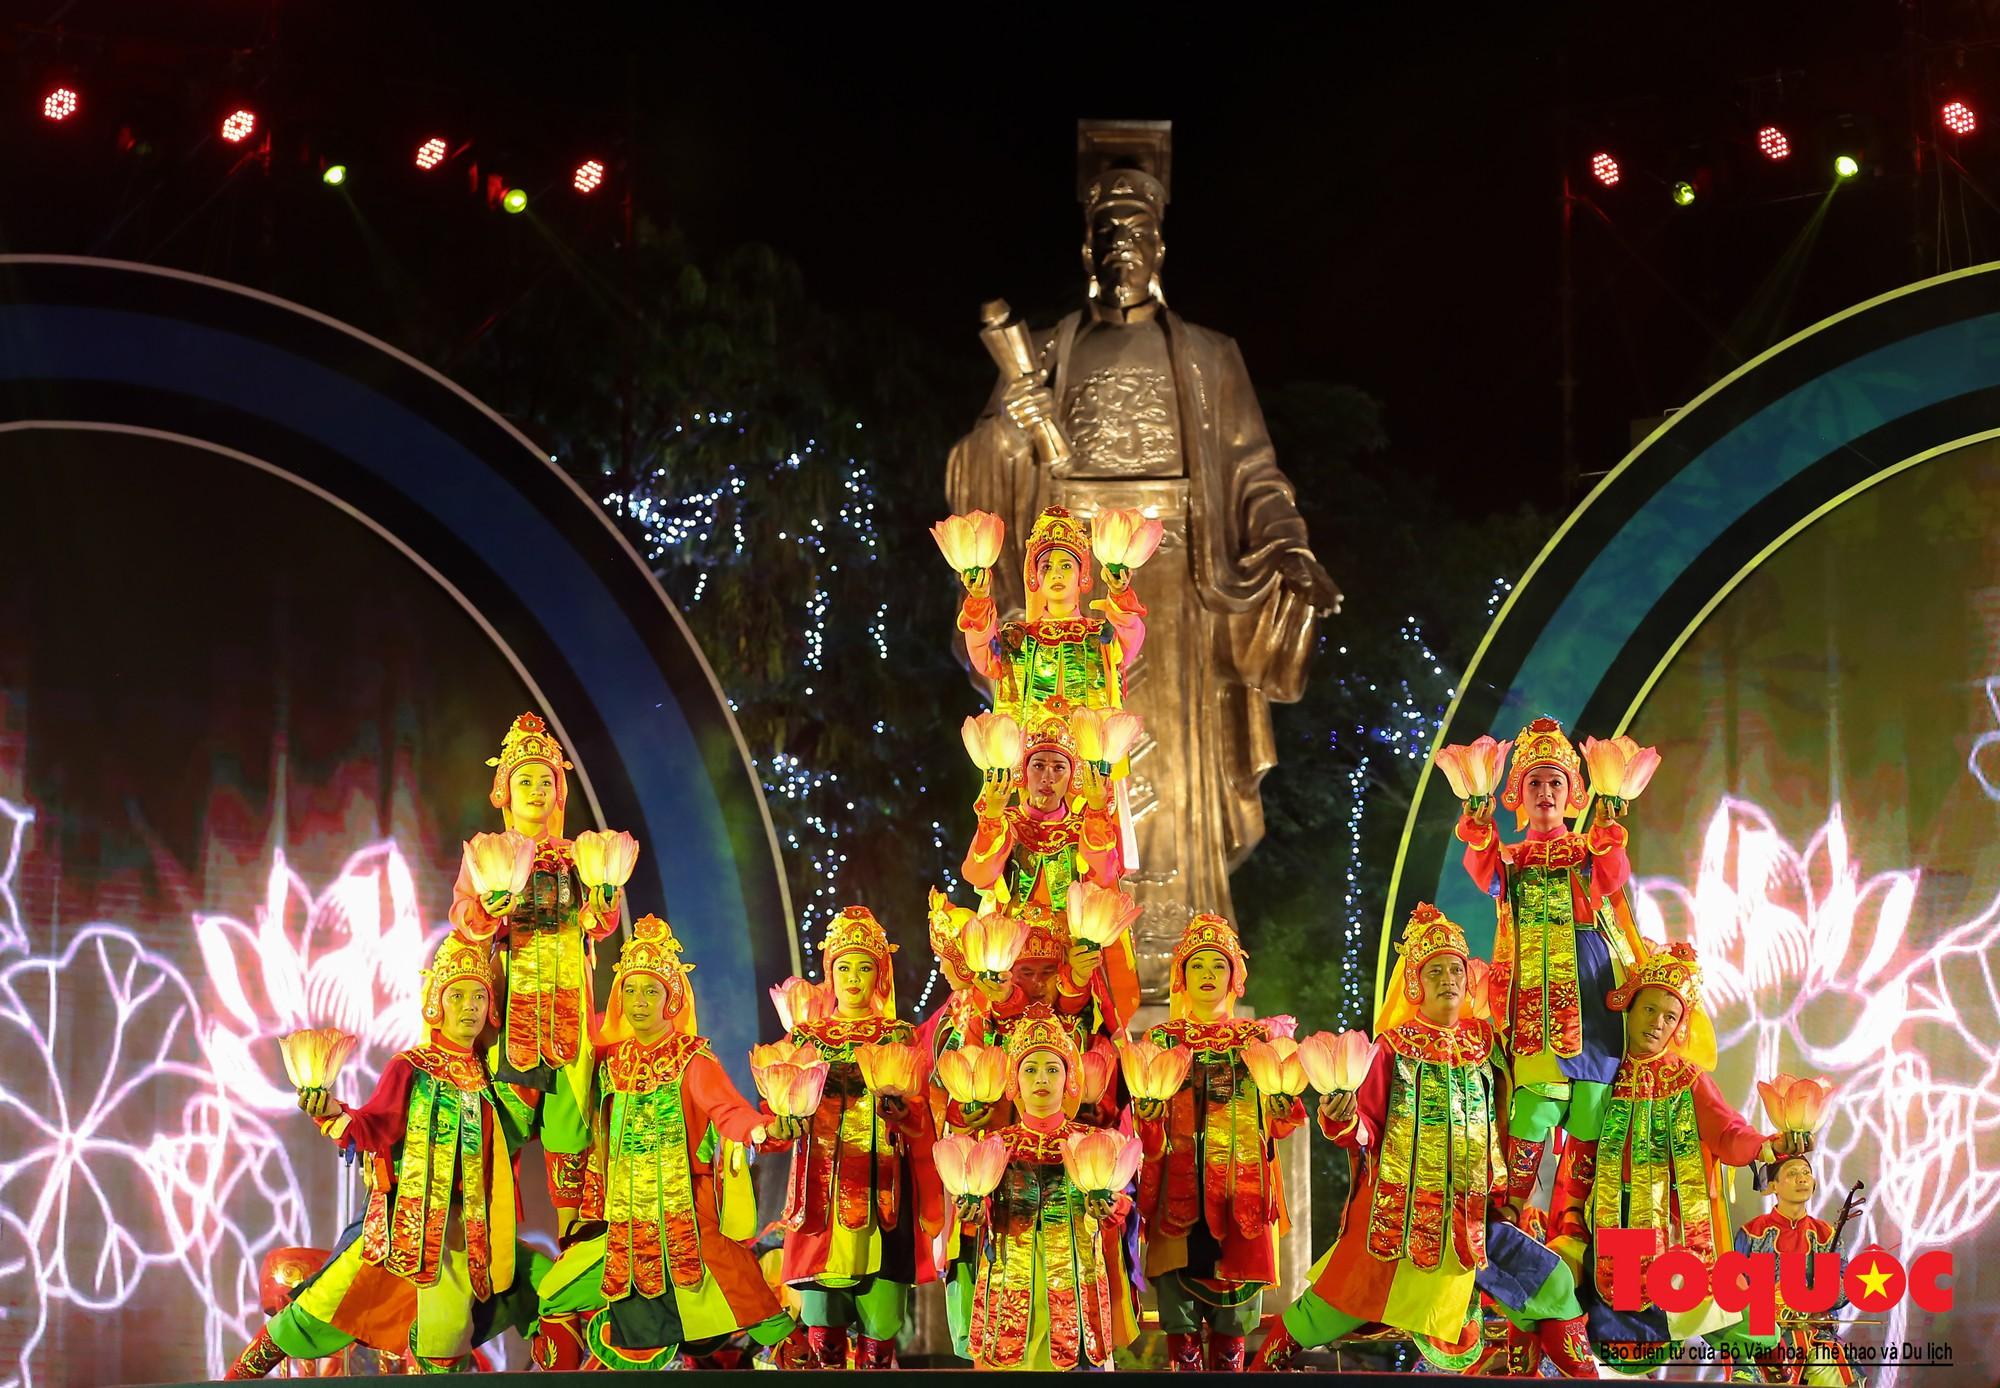 """Ấn tượng chương trình nghệ thuật kỷ niệm 20 năm Hà Nội - """"Thành phố Vì hòa bình"""" - Ảnh 9."""